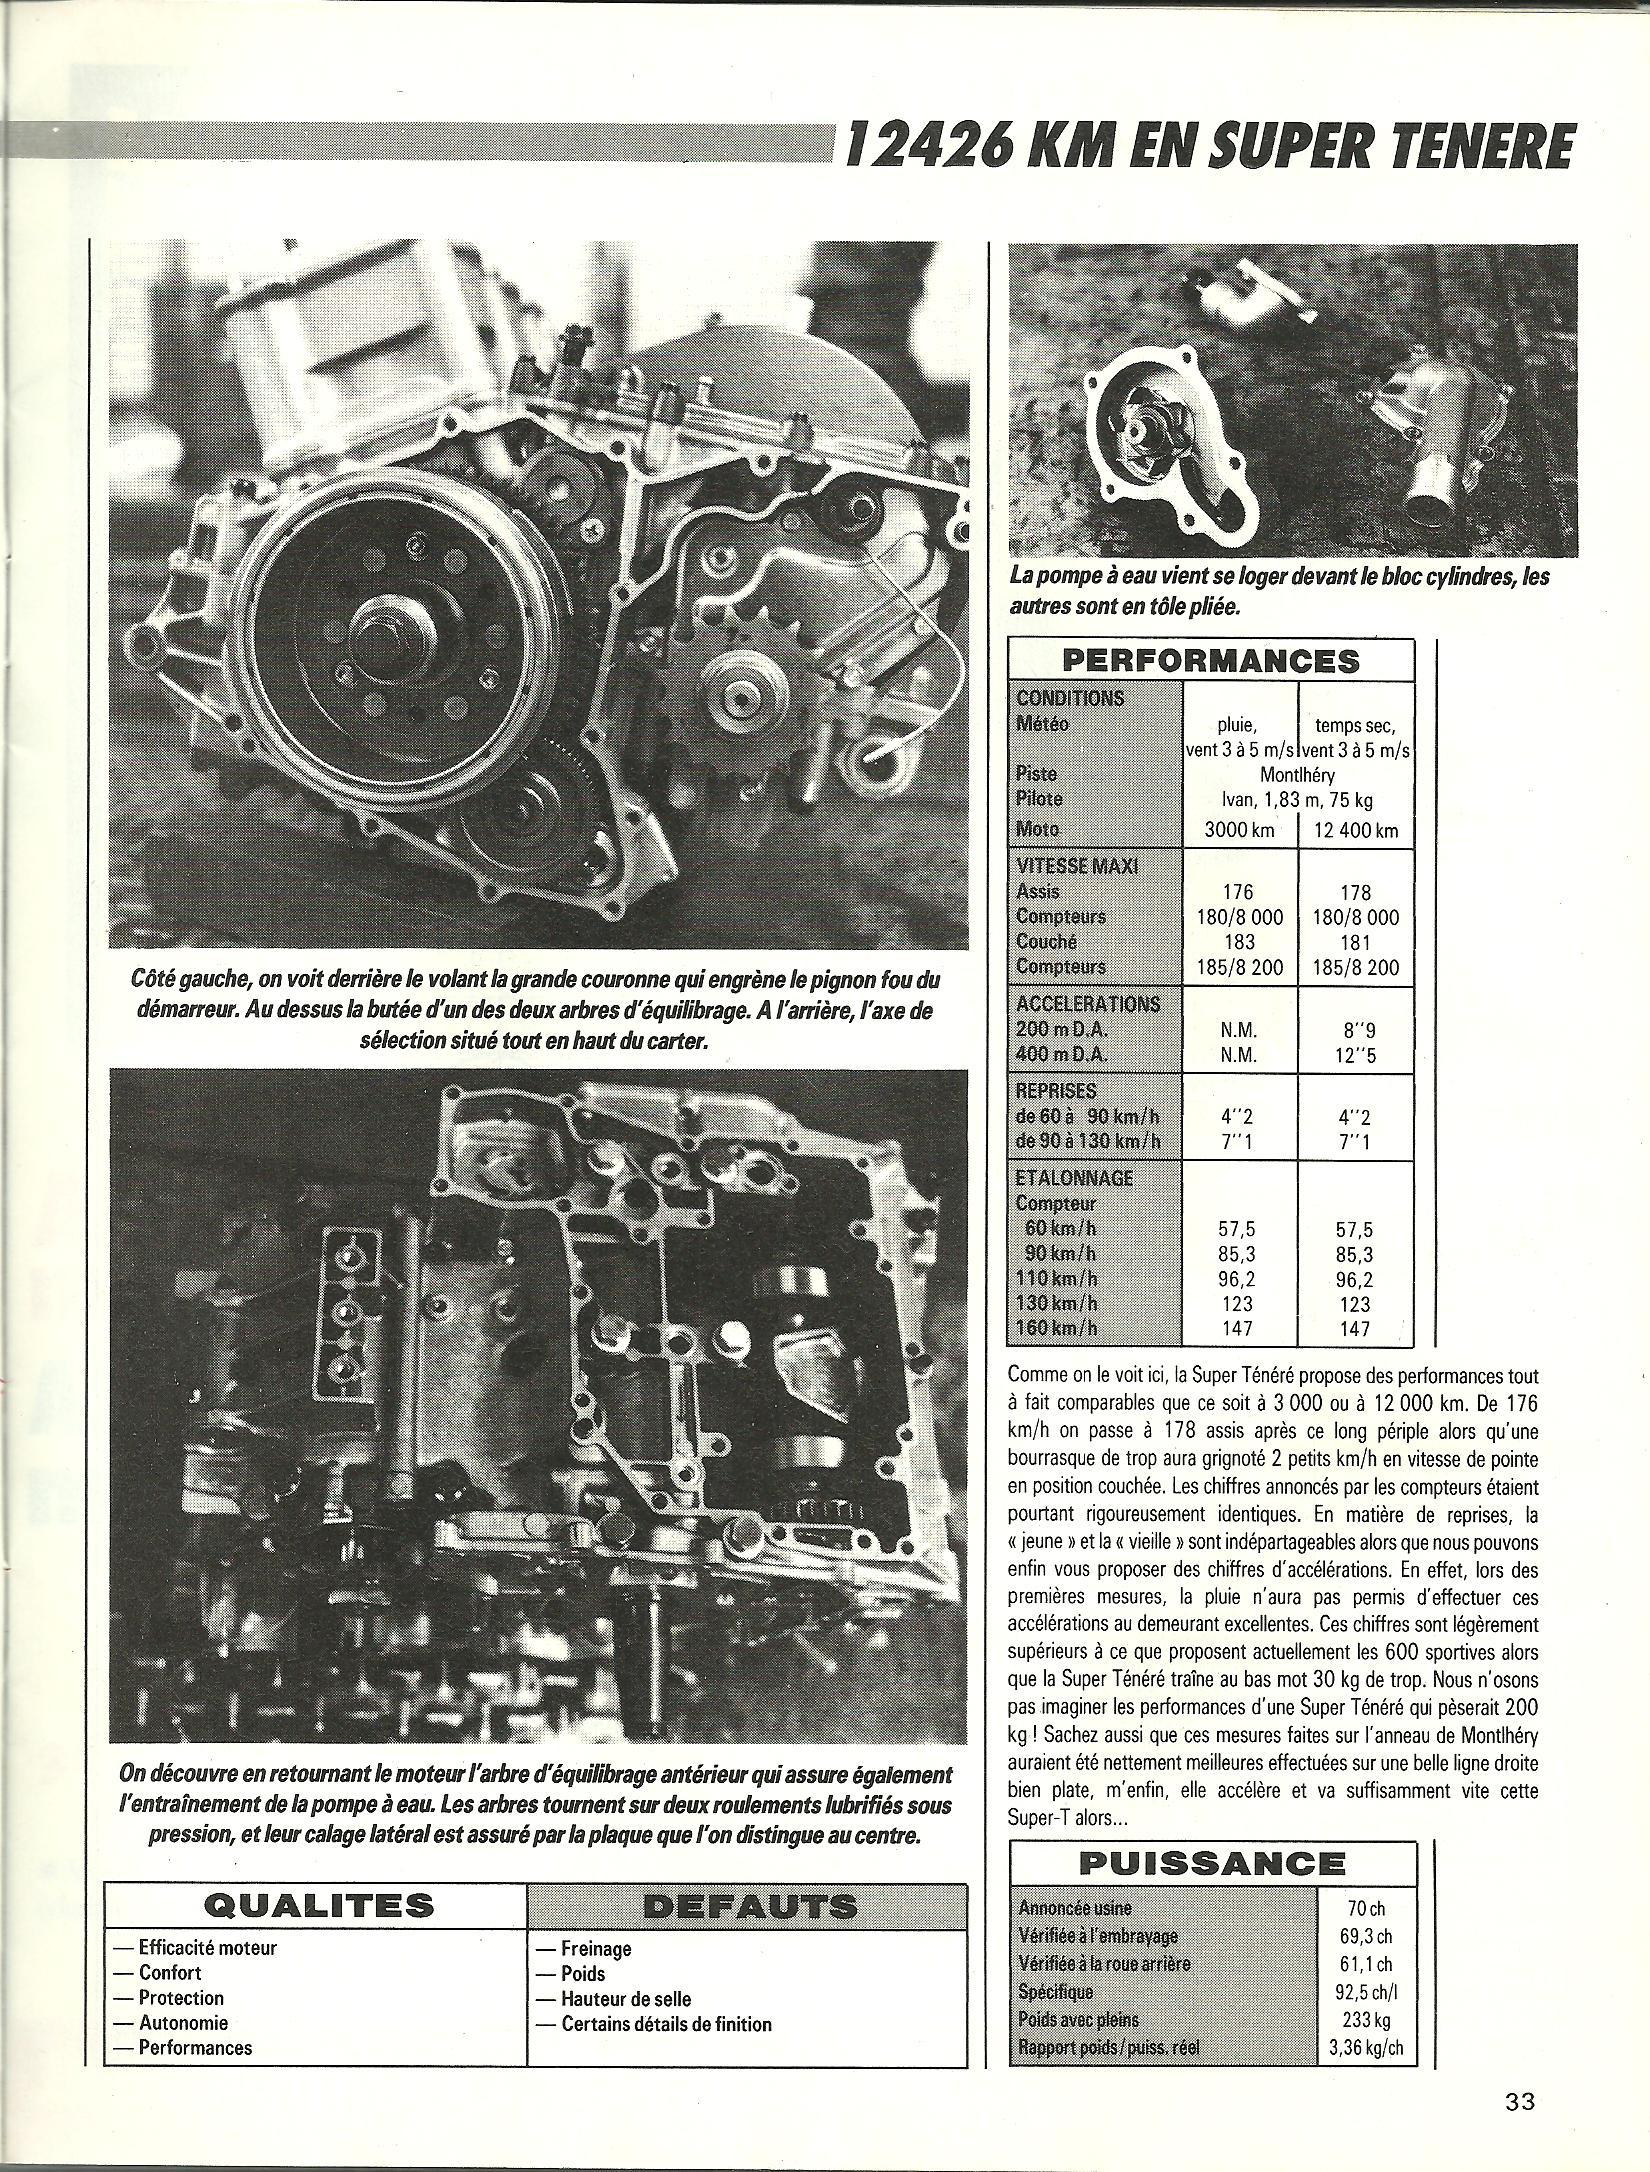 Essai longue durée 12'426km en Super ténéré 750 le 25 Mai 1989 193909p17001